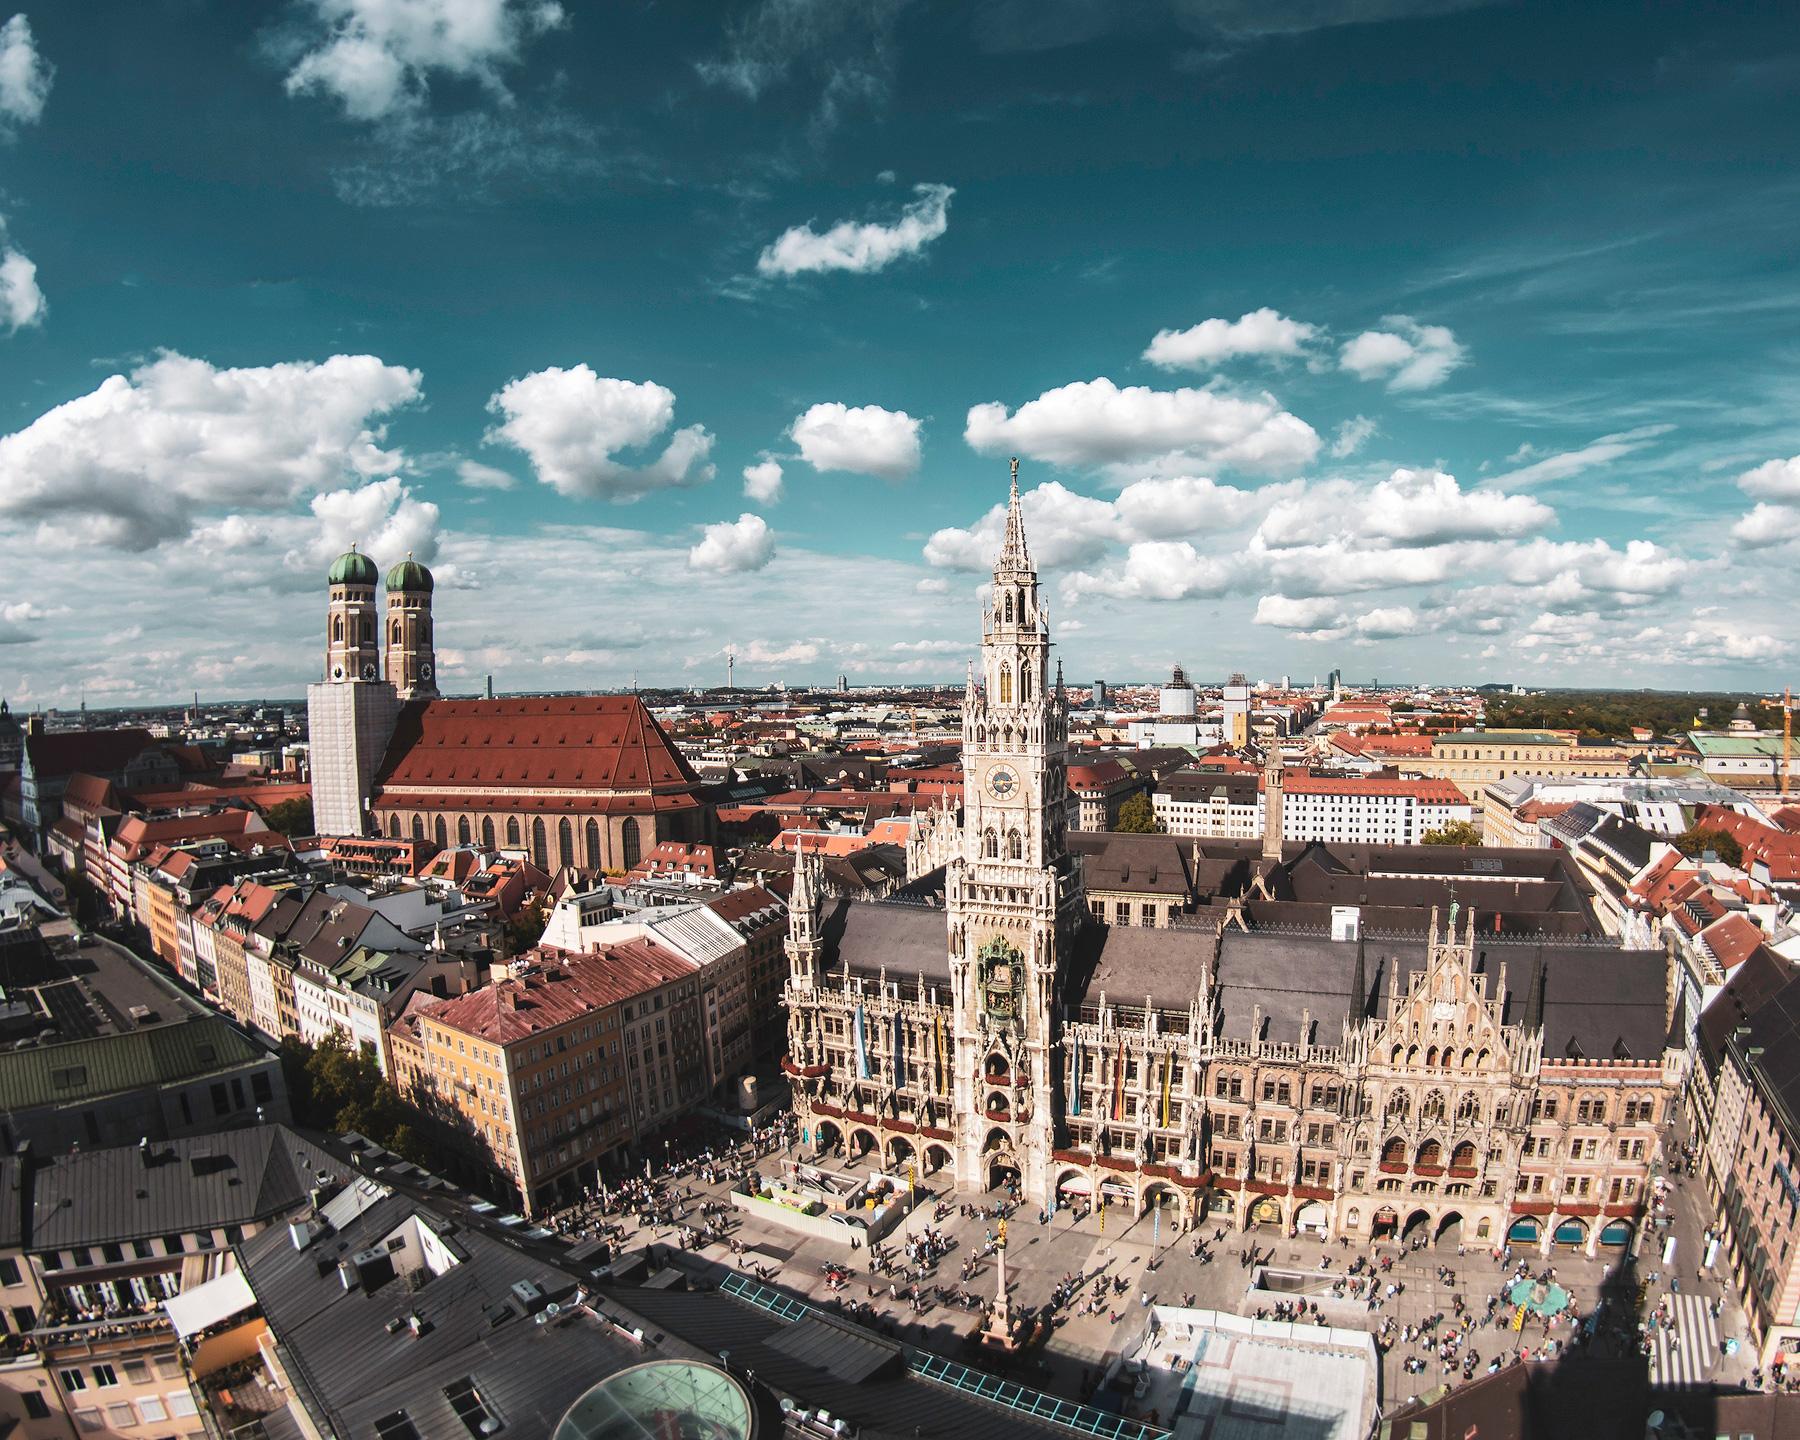 München, Marienplatz. Frauenkirche, Aussicht, Alter Peter